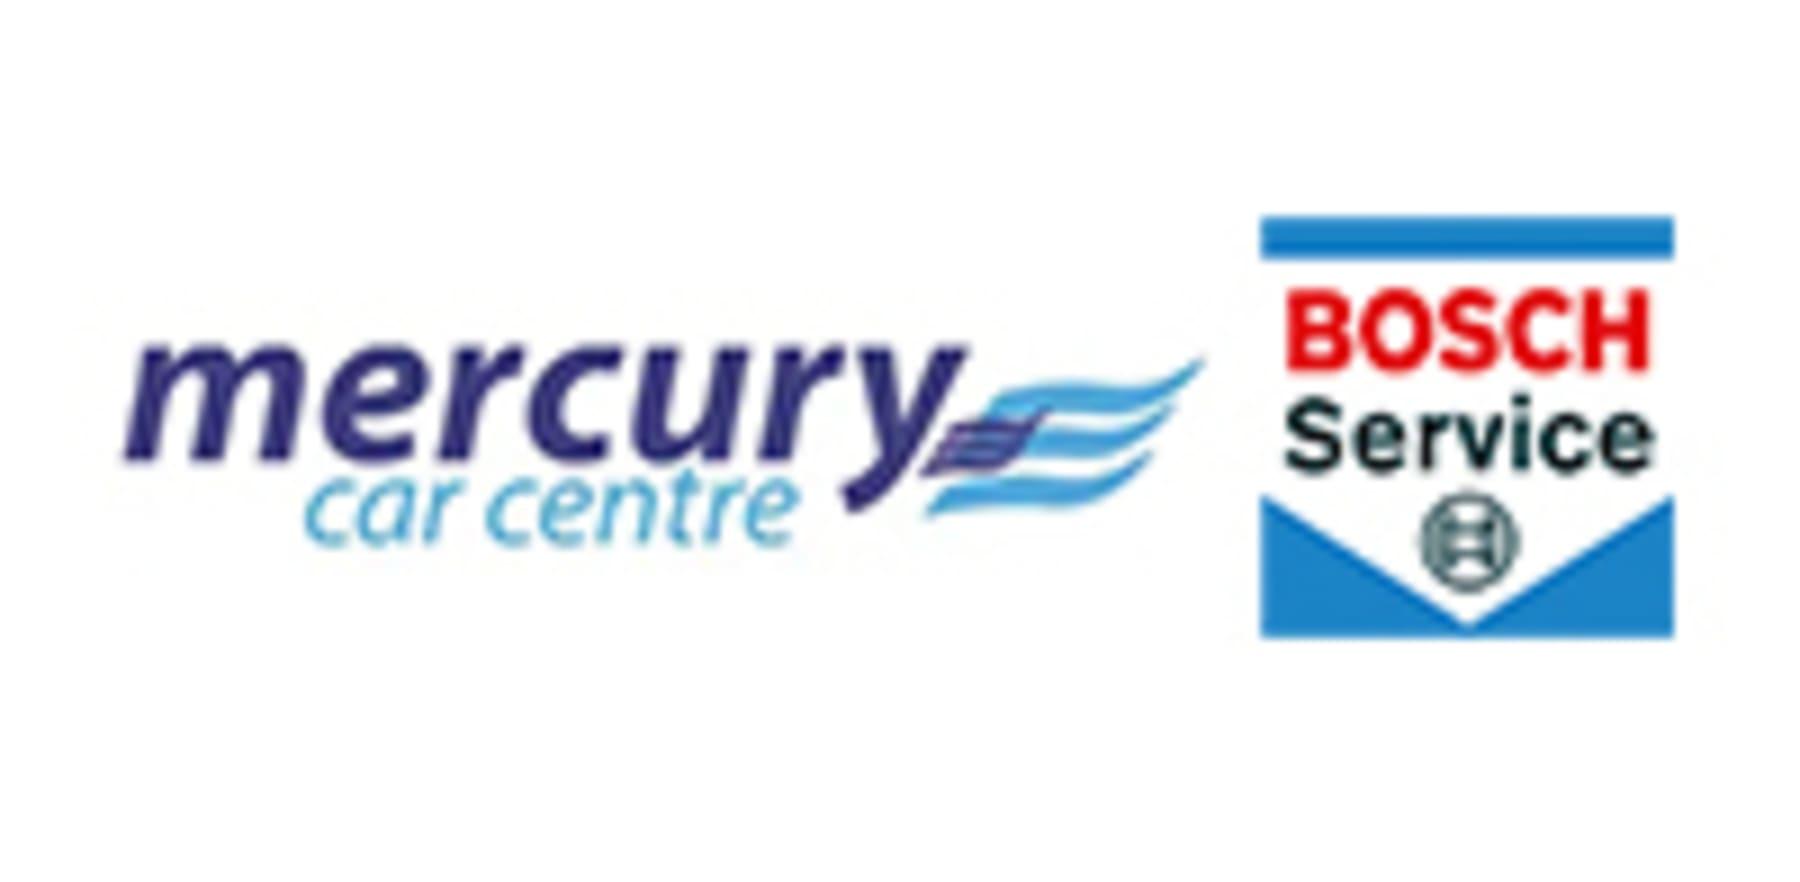 Mercury Car Centre